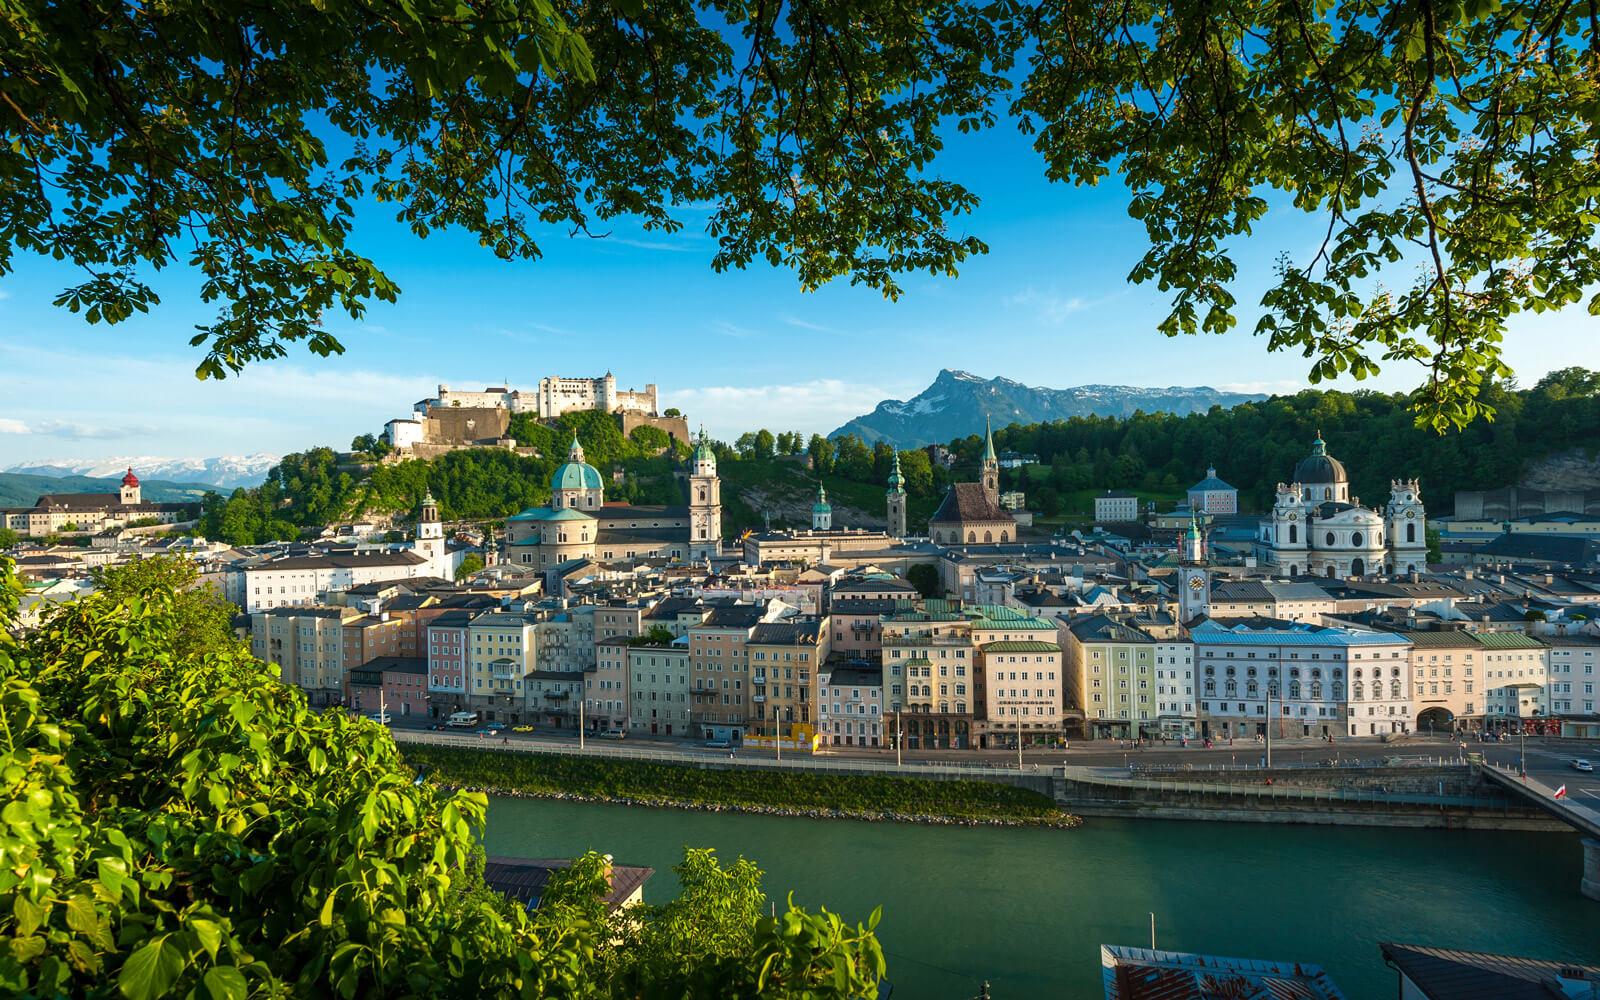 Stadt Salzburg, Blick auf die Festung Hohensalzburg, Ausflug, Stadt, Salzburg, Pflegerbrücke Salzburg